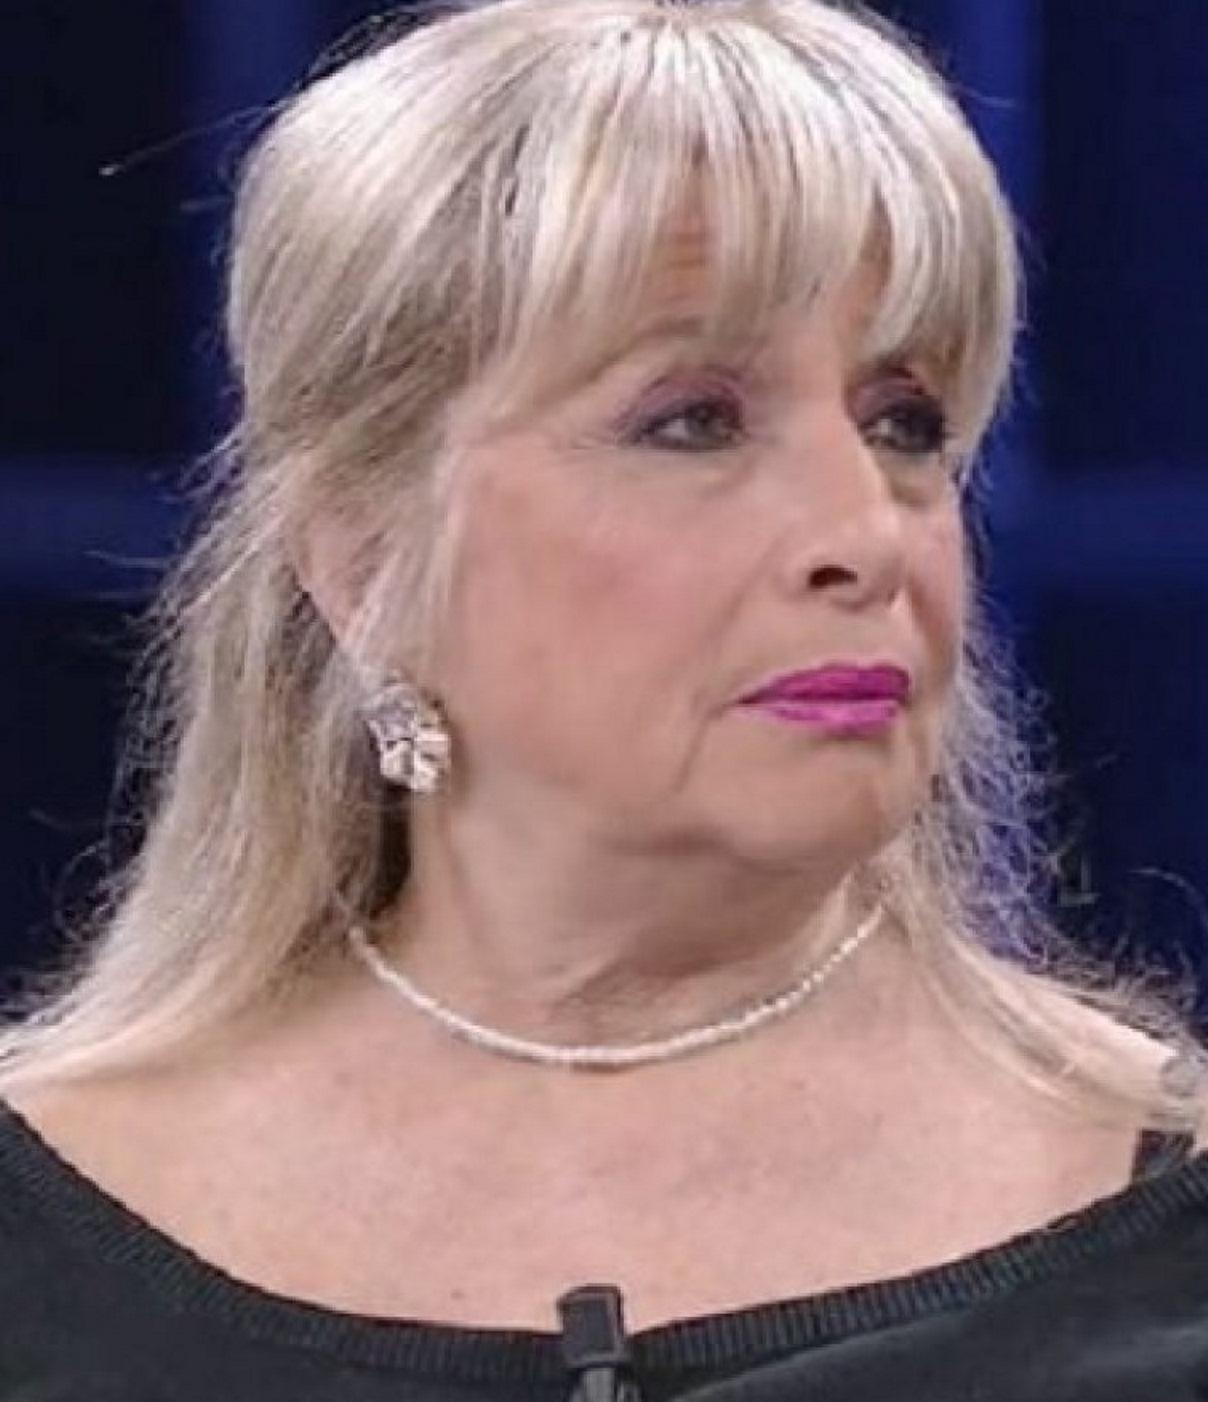 gabriella mamma corona programma